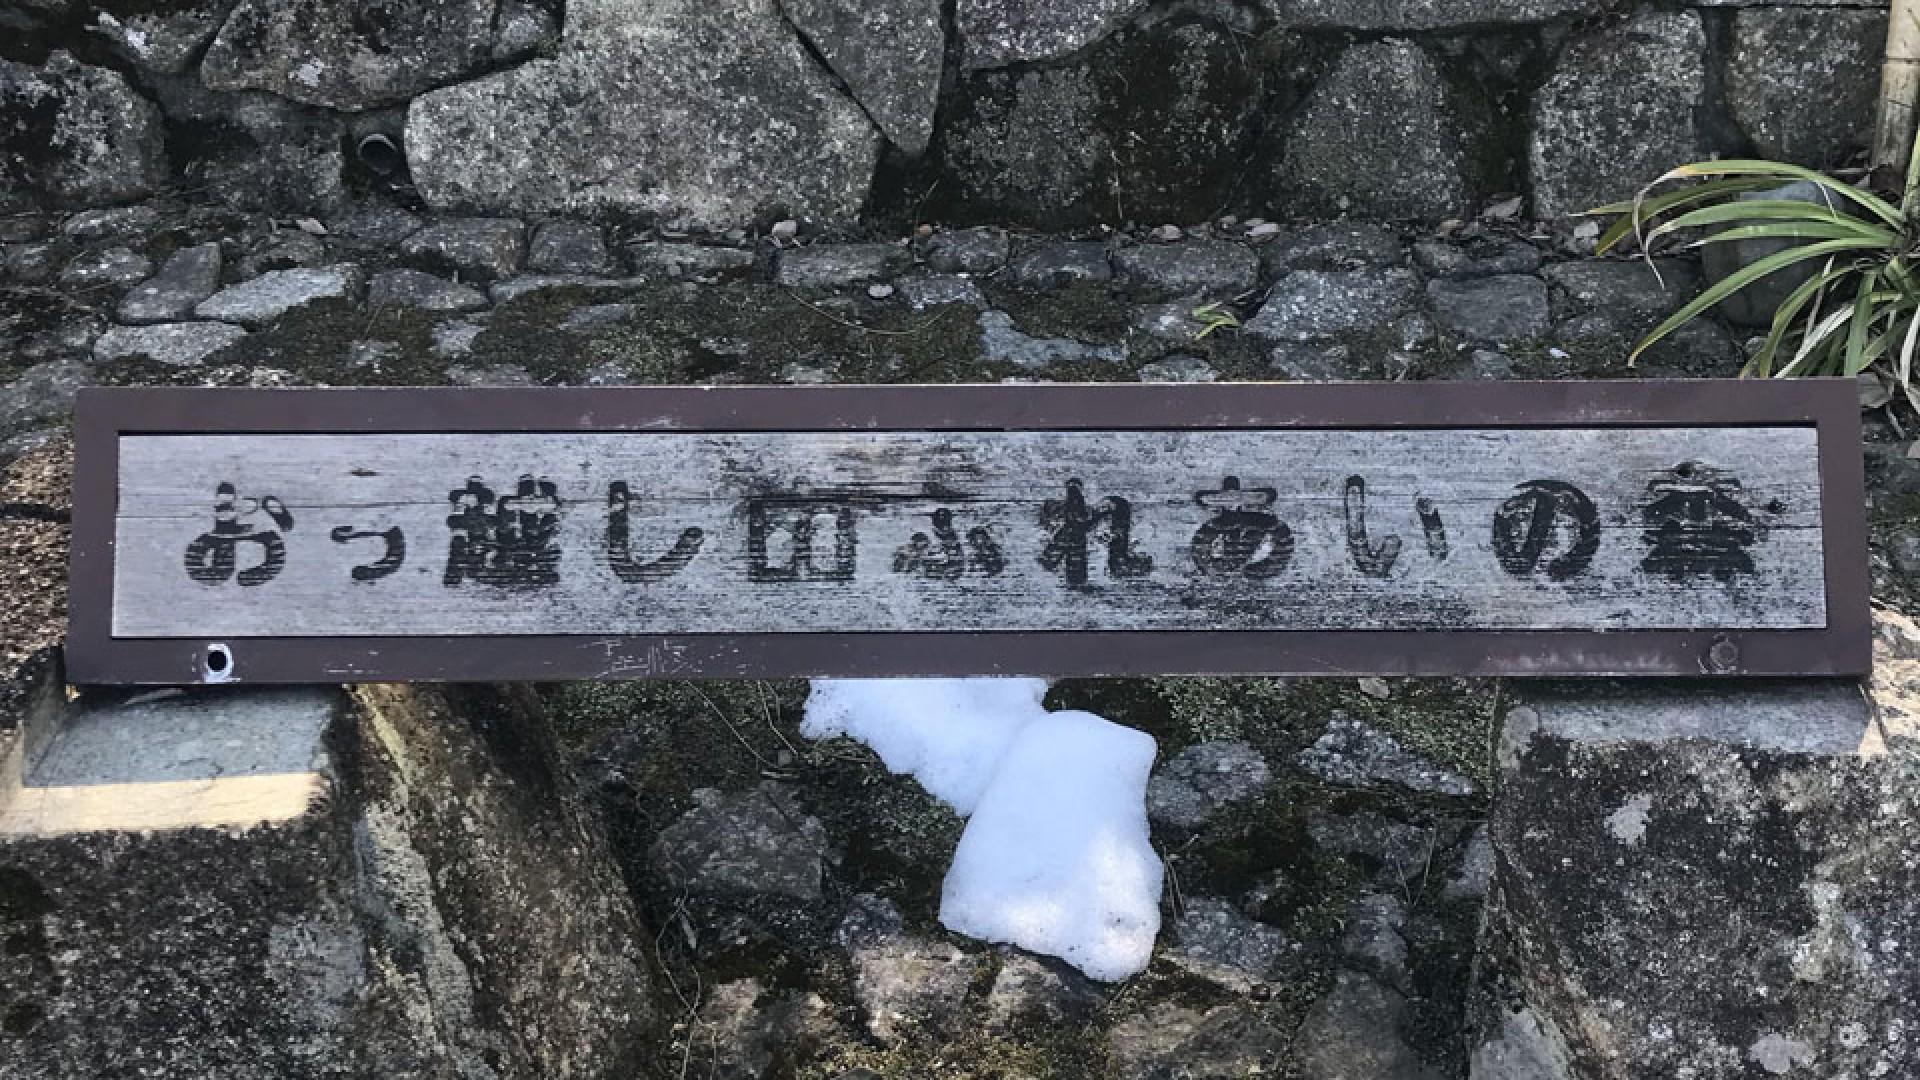 Okkoshiyama Fureai-no-Mori